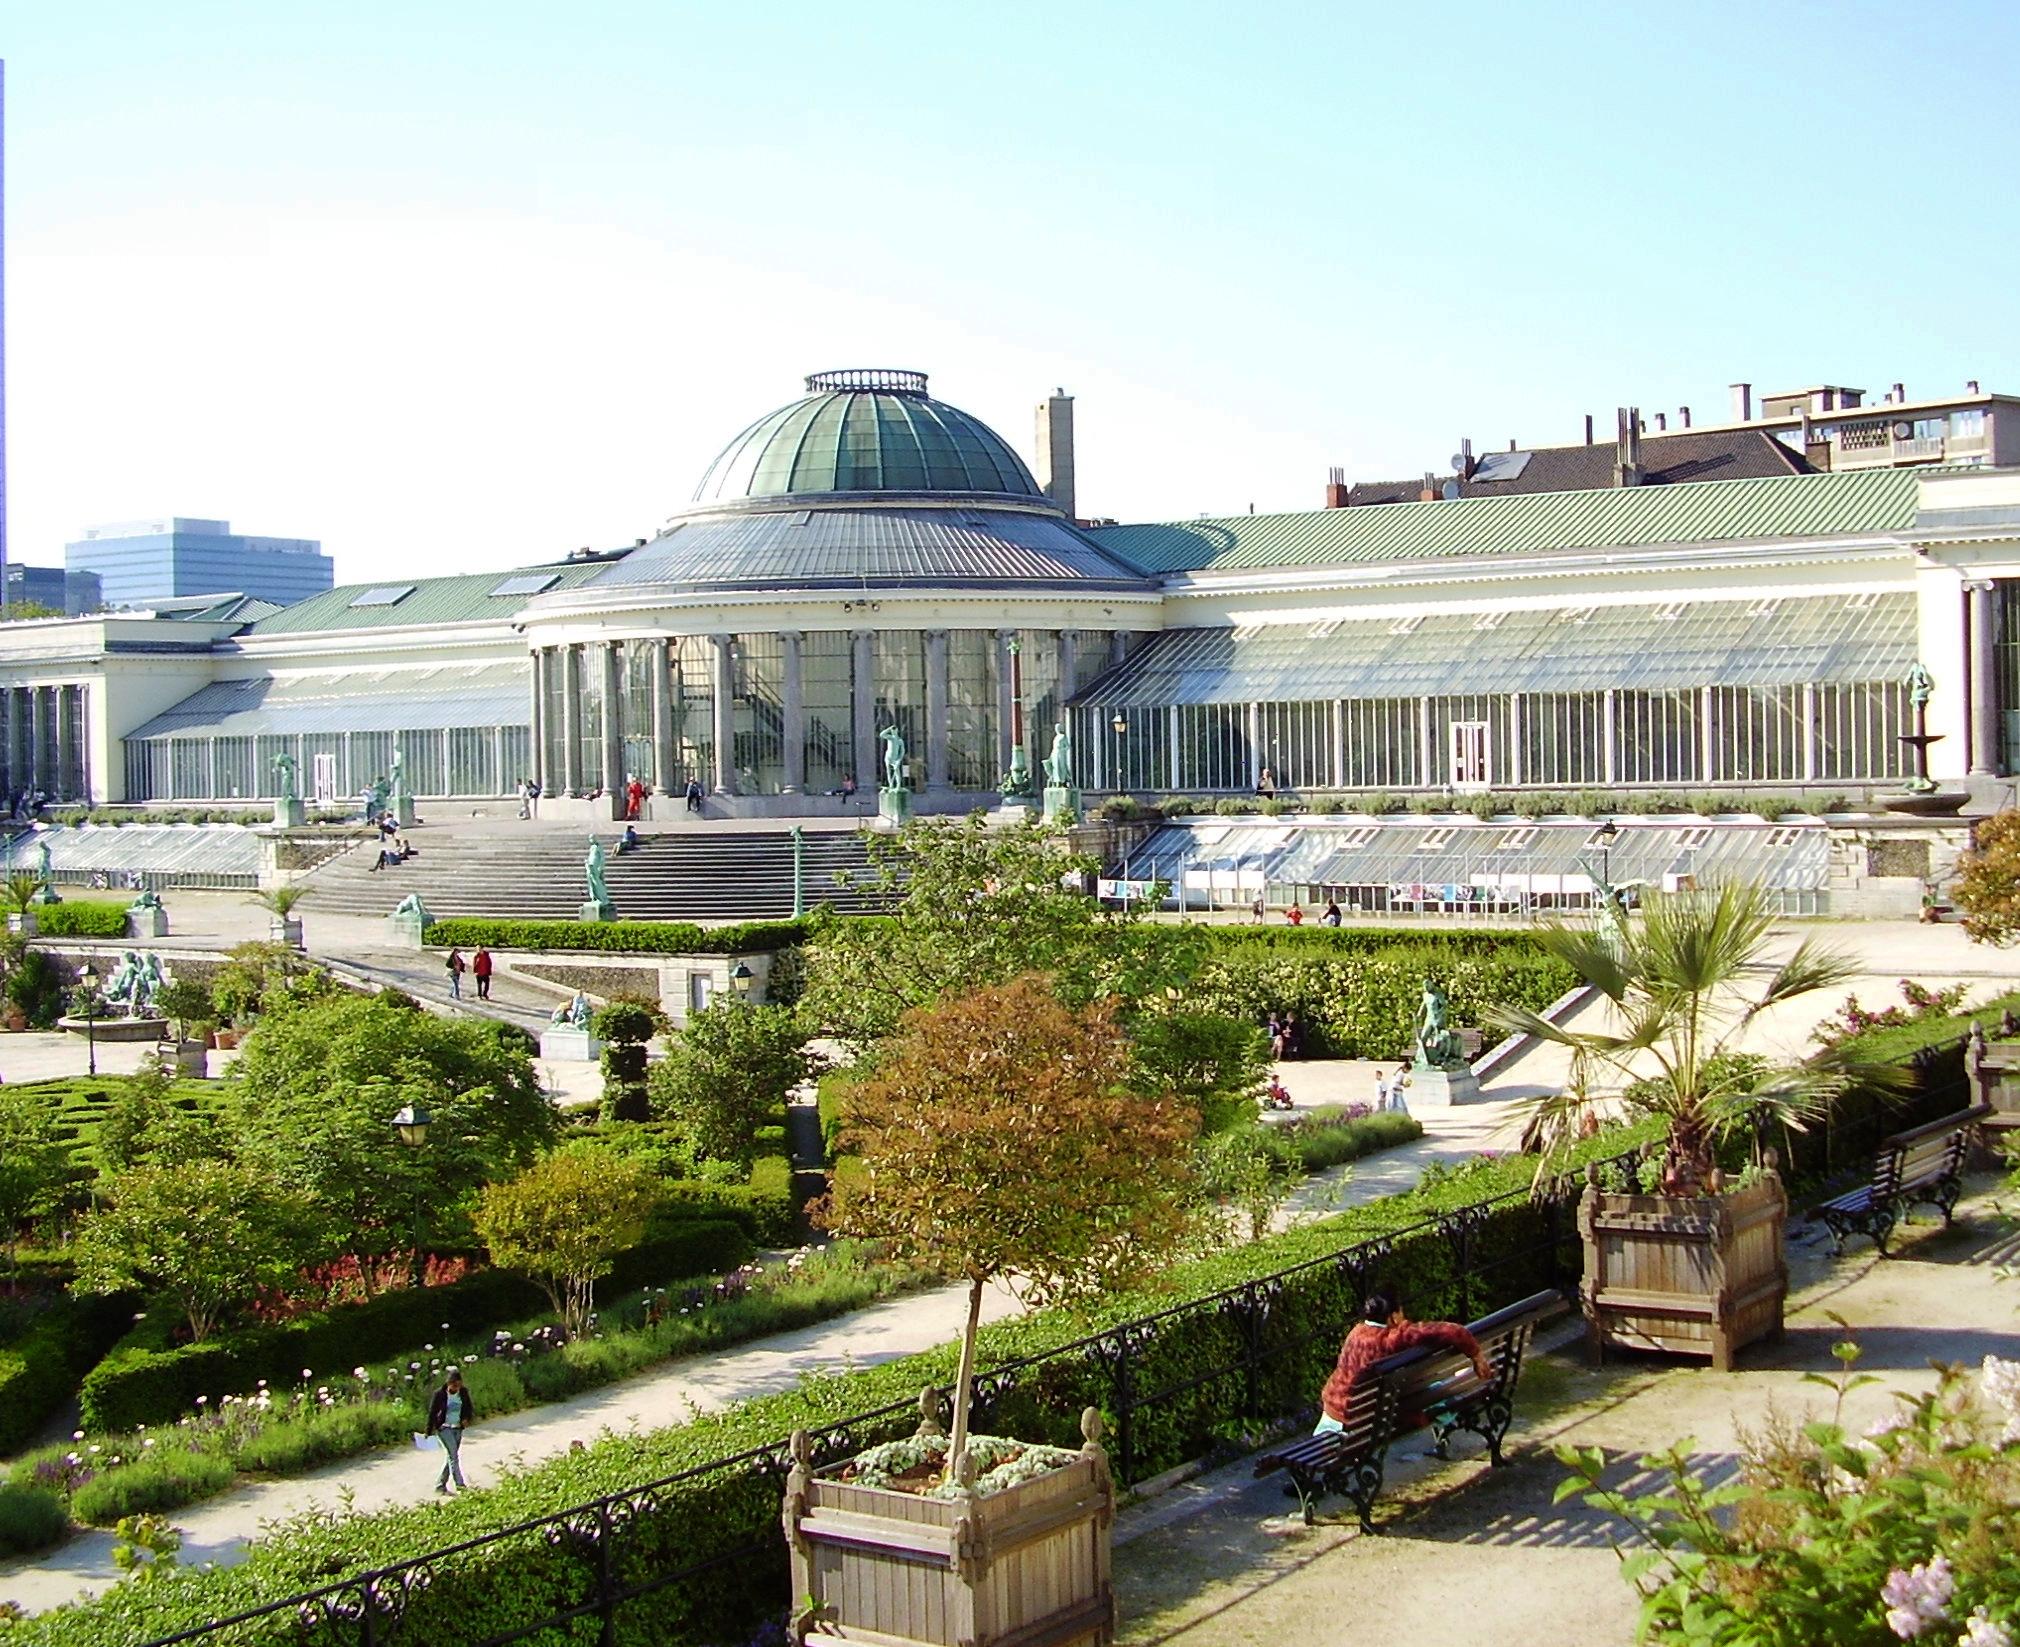 Jardin botanique de bruxelles wikiwand for Bal des citrouilles jardin botanique